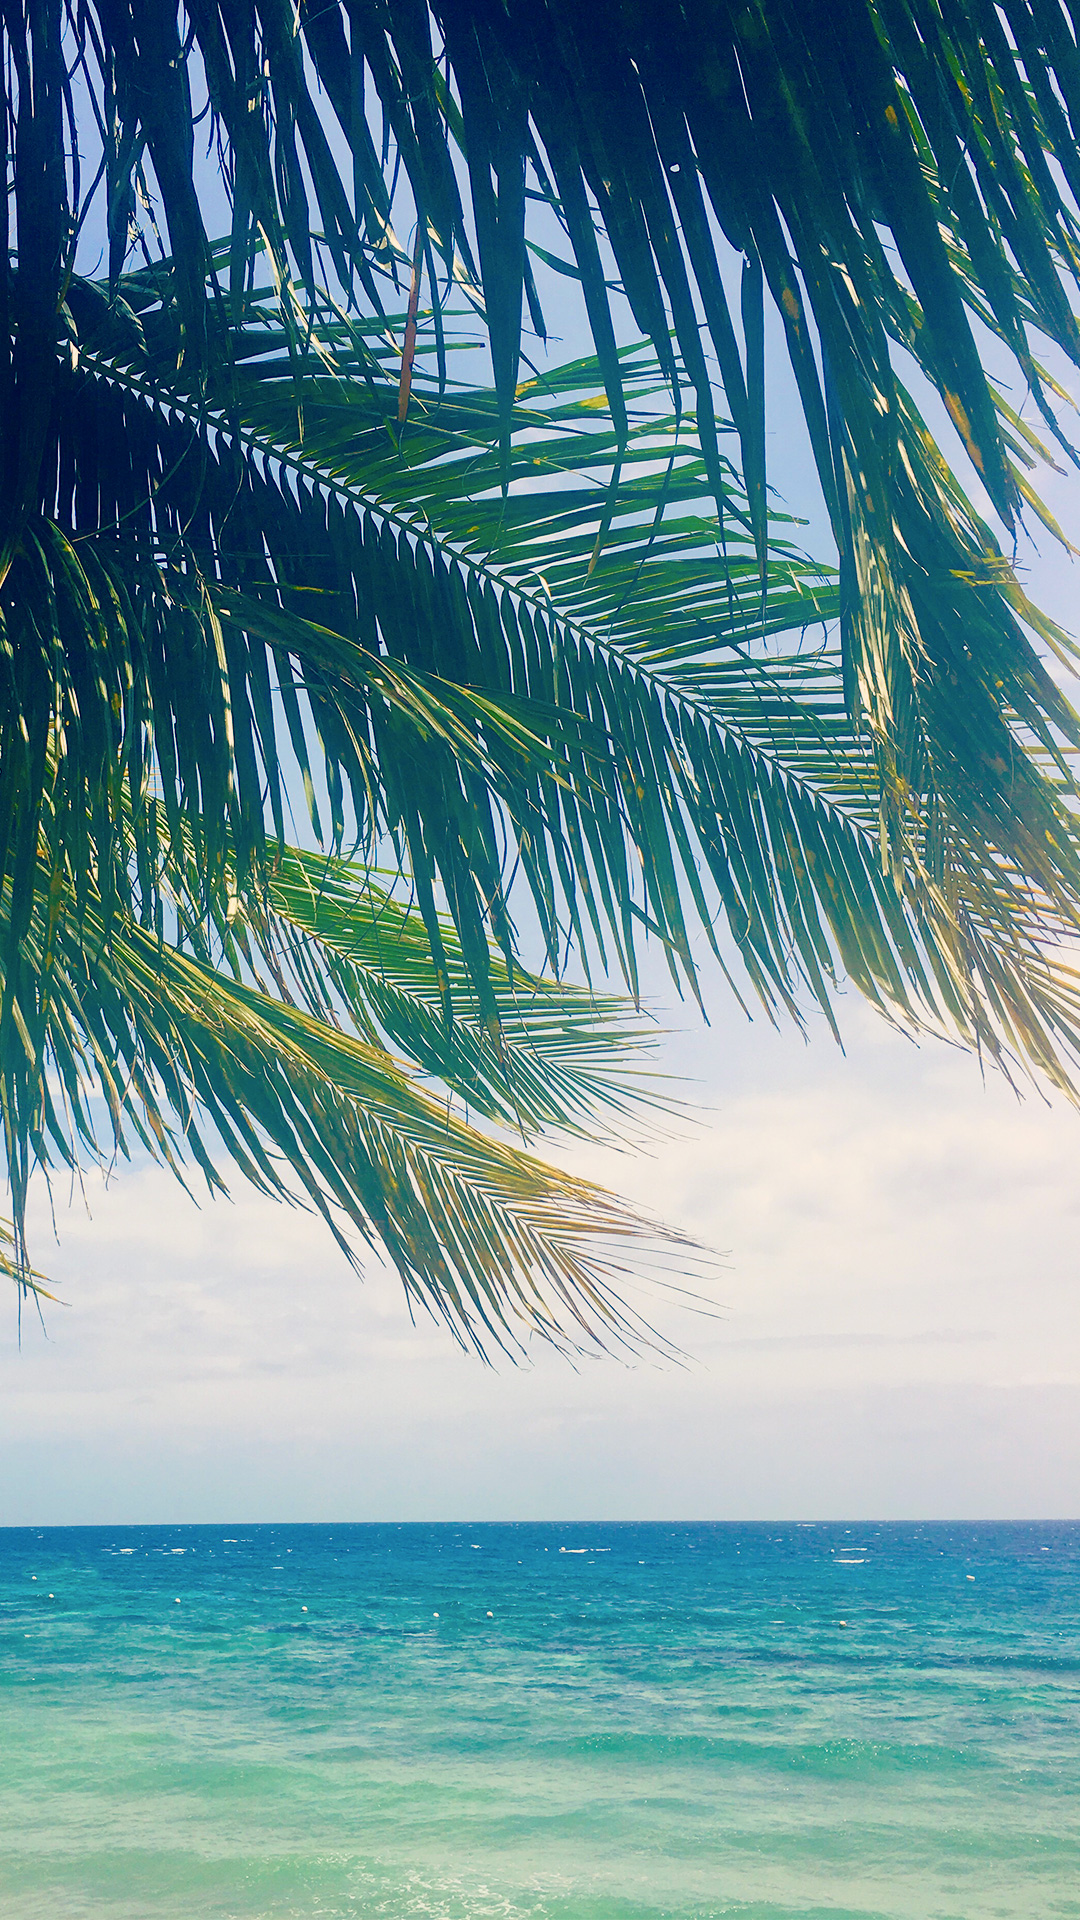 オシャレなiphone壁紙 南国の気分にひたれるヤシの木の葉っぱごしの青い海のiphone スマホ 壁紙 おしゃれなフリー写真素材 Girly Drop